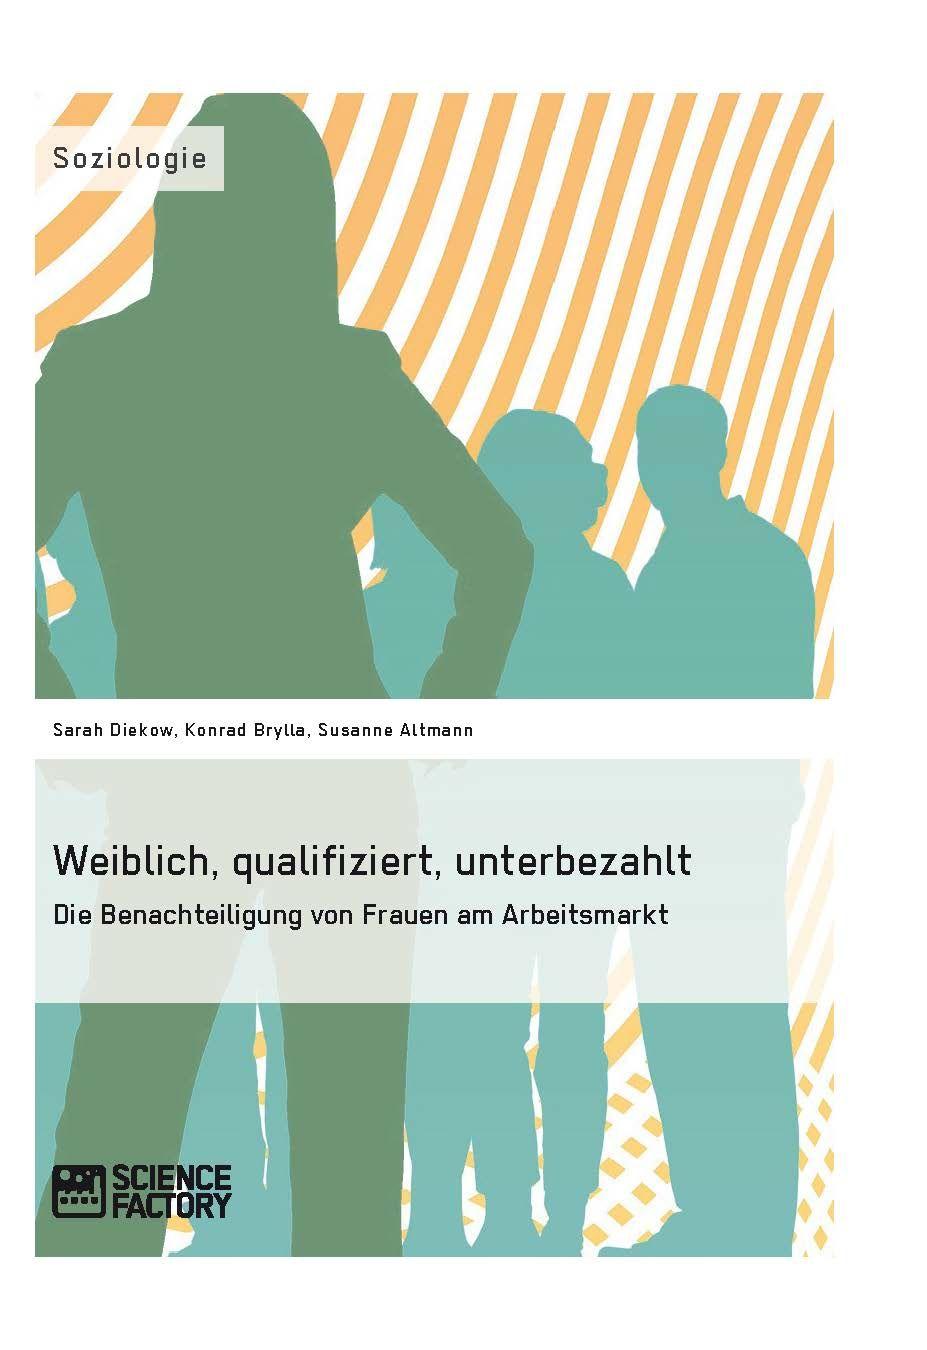 Weiblich, qualifiziert, unterbezahlt. Die Benachteiligung von Frauen am Arbeitsmarkt. GRIN: http://grin.to/S1TzN Amazon: http://grin.to/pZrSD